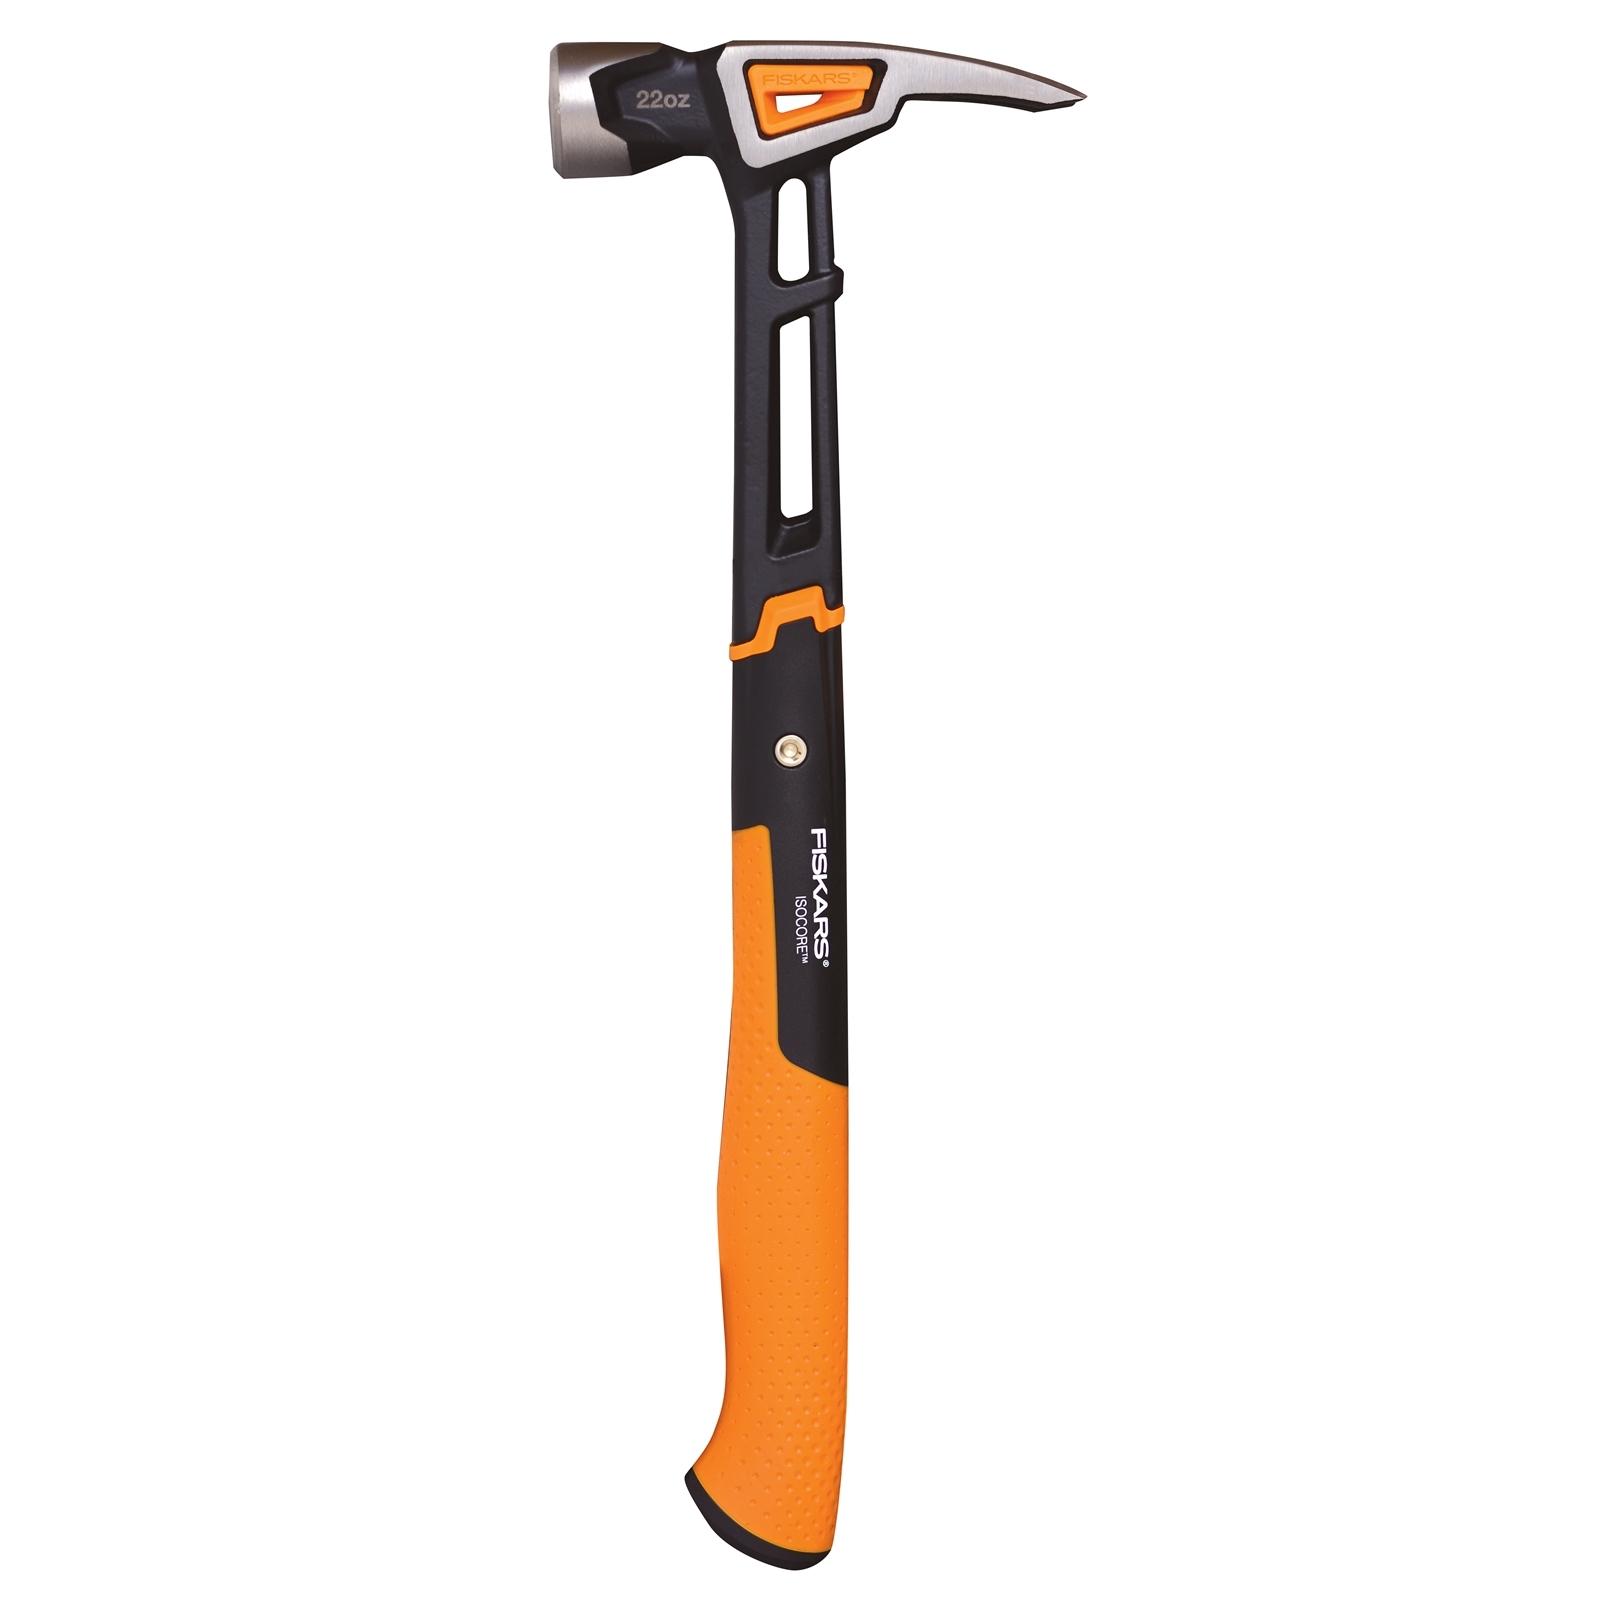 Fiskars 620g 22oz Framing Hammer